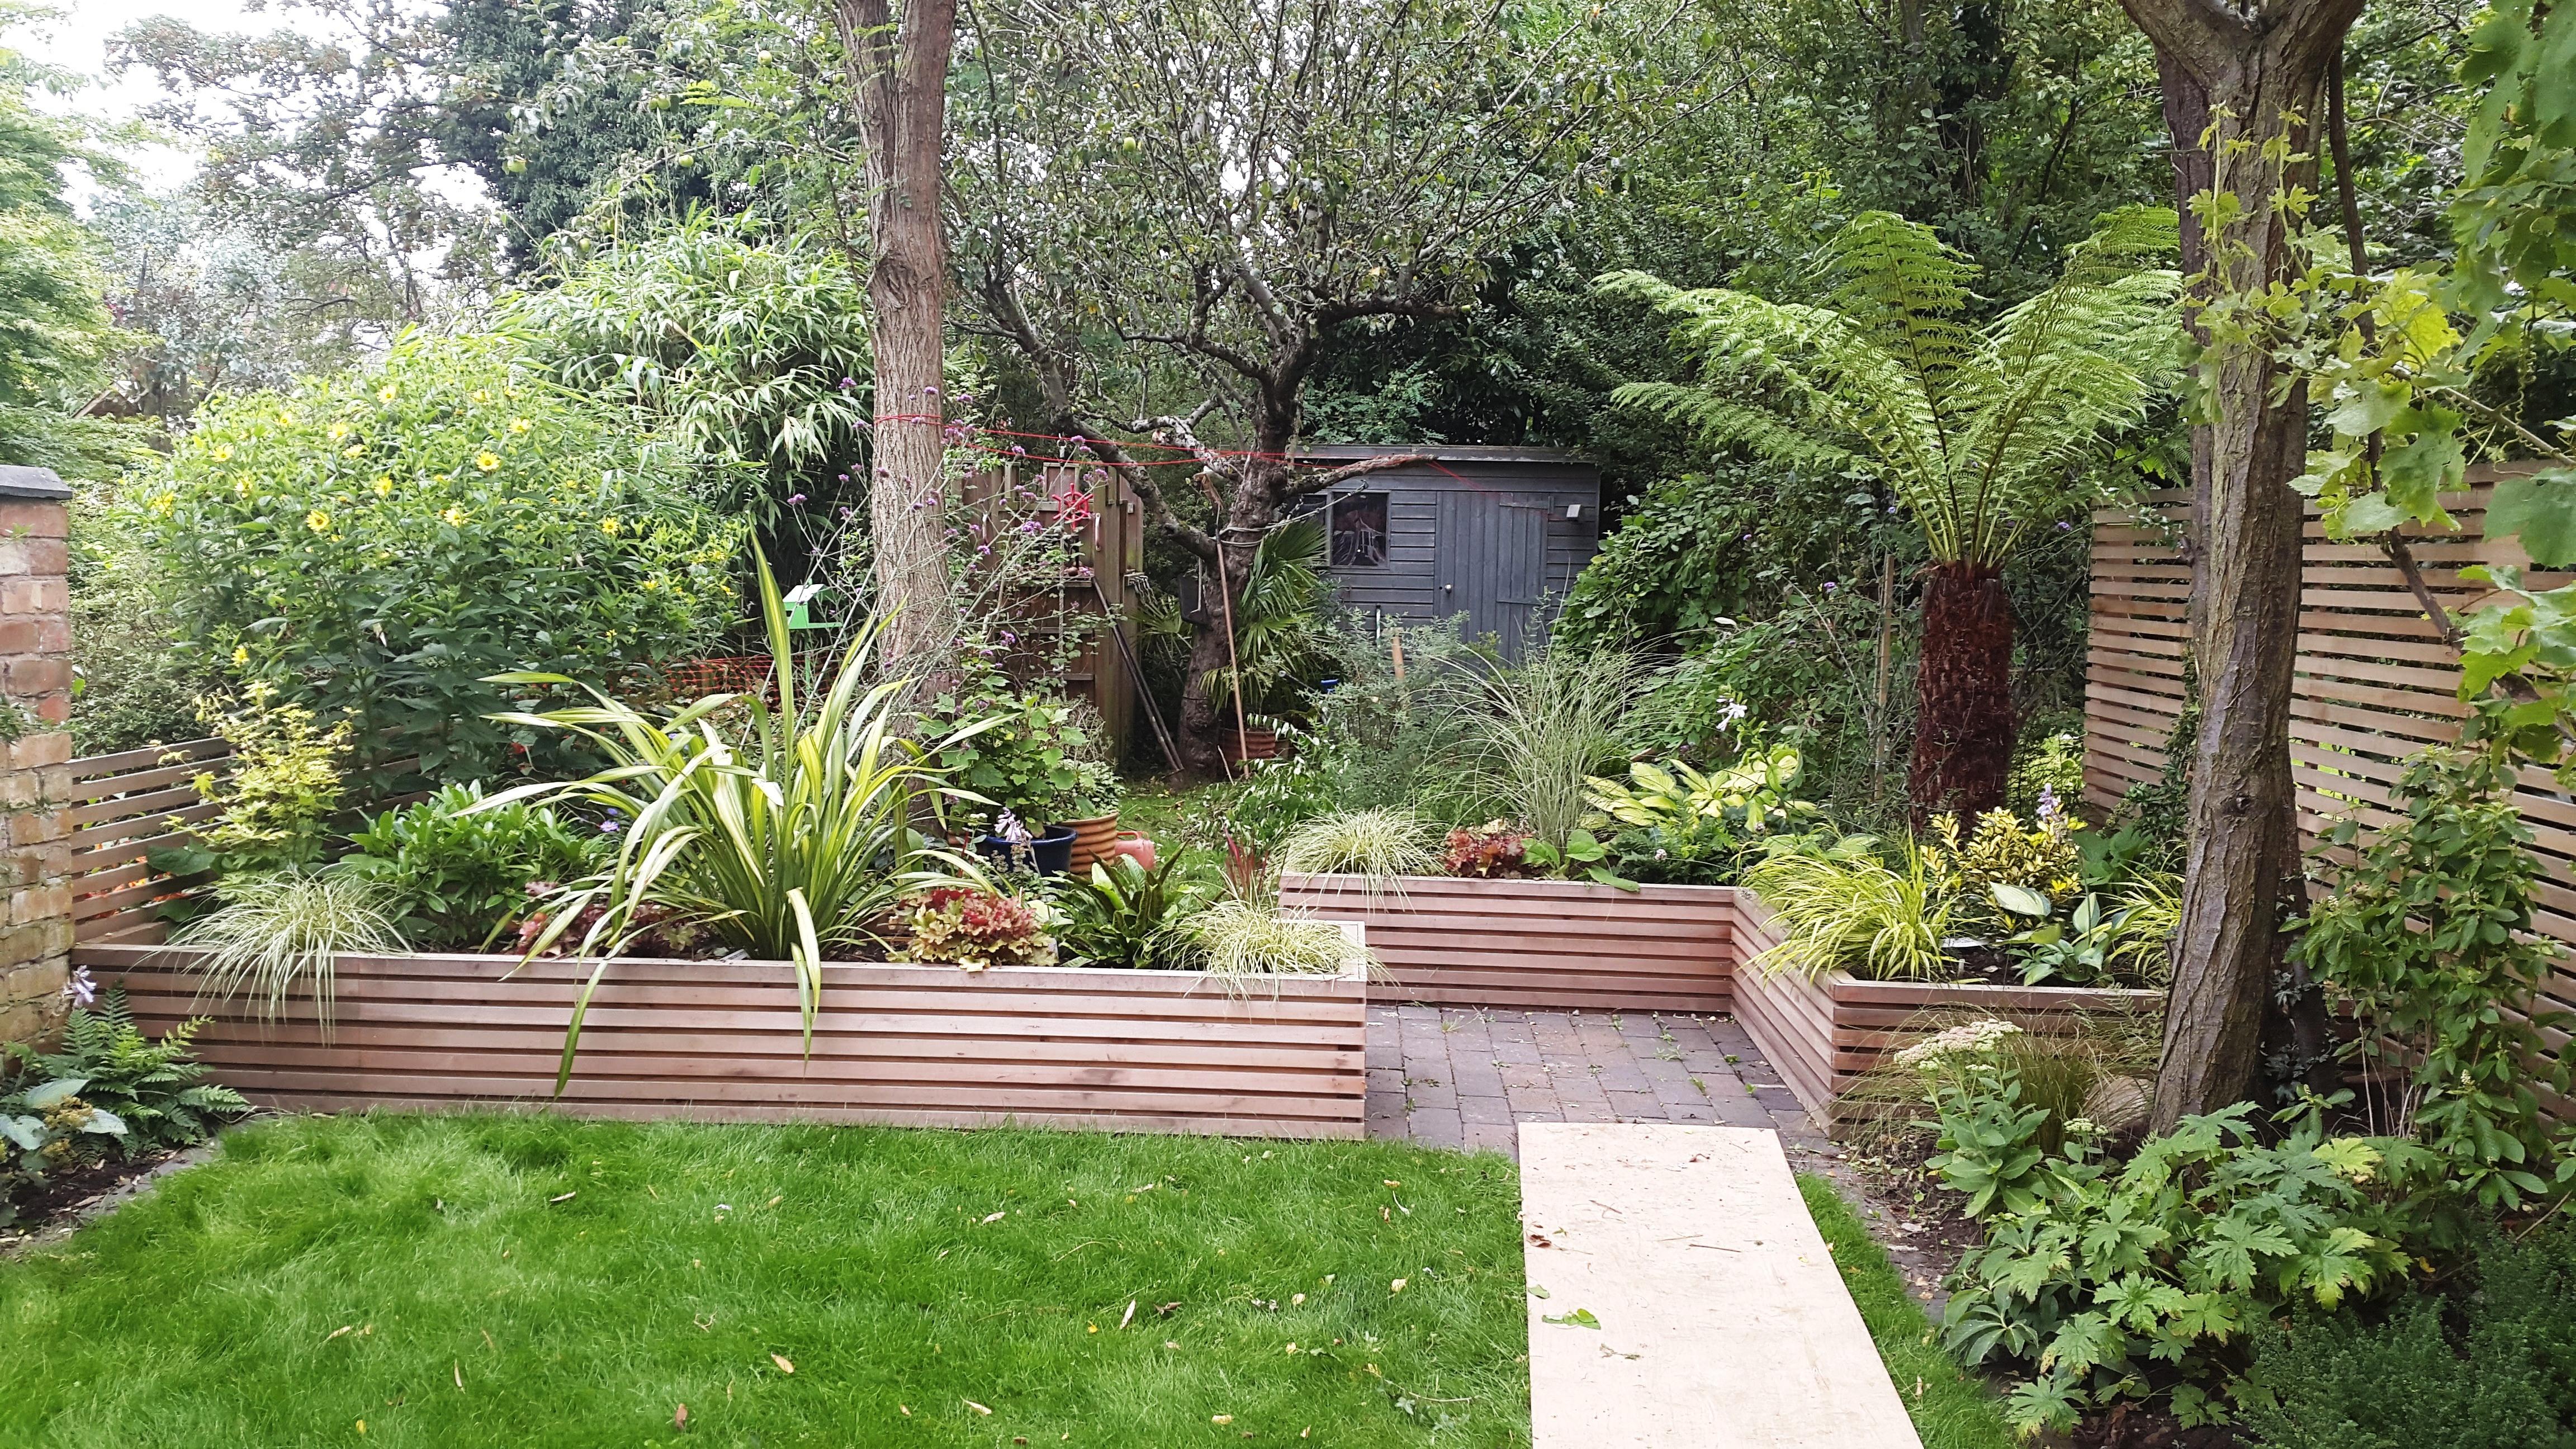 leicestergardendesign_LE2_ (3) | Leicester Garden Design